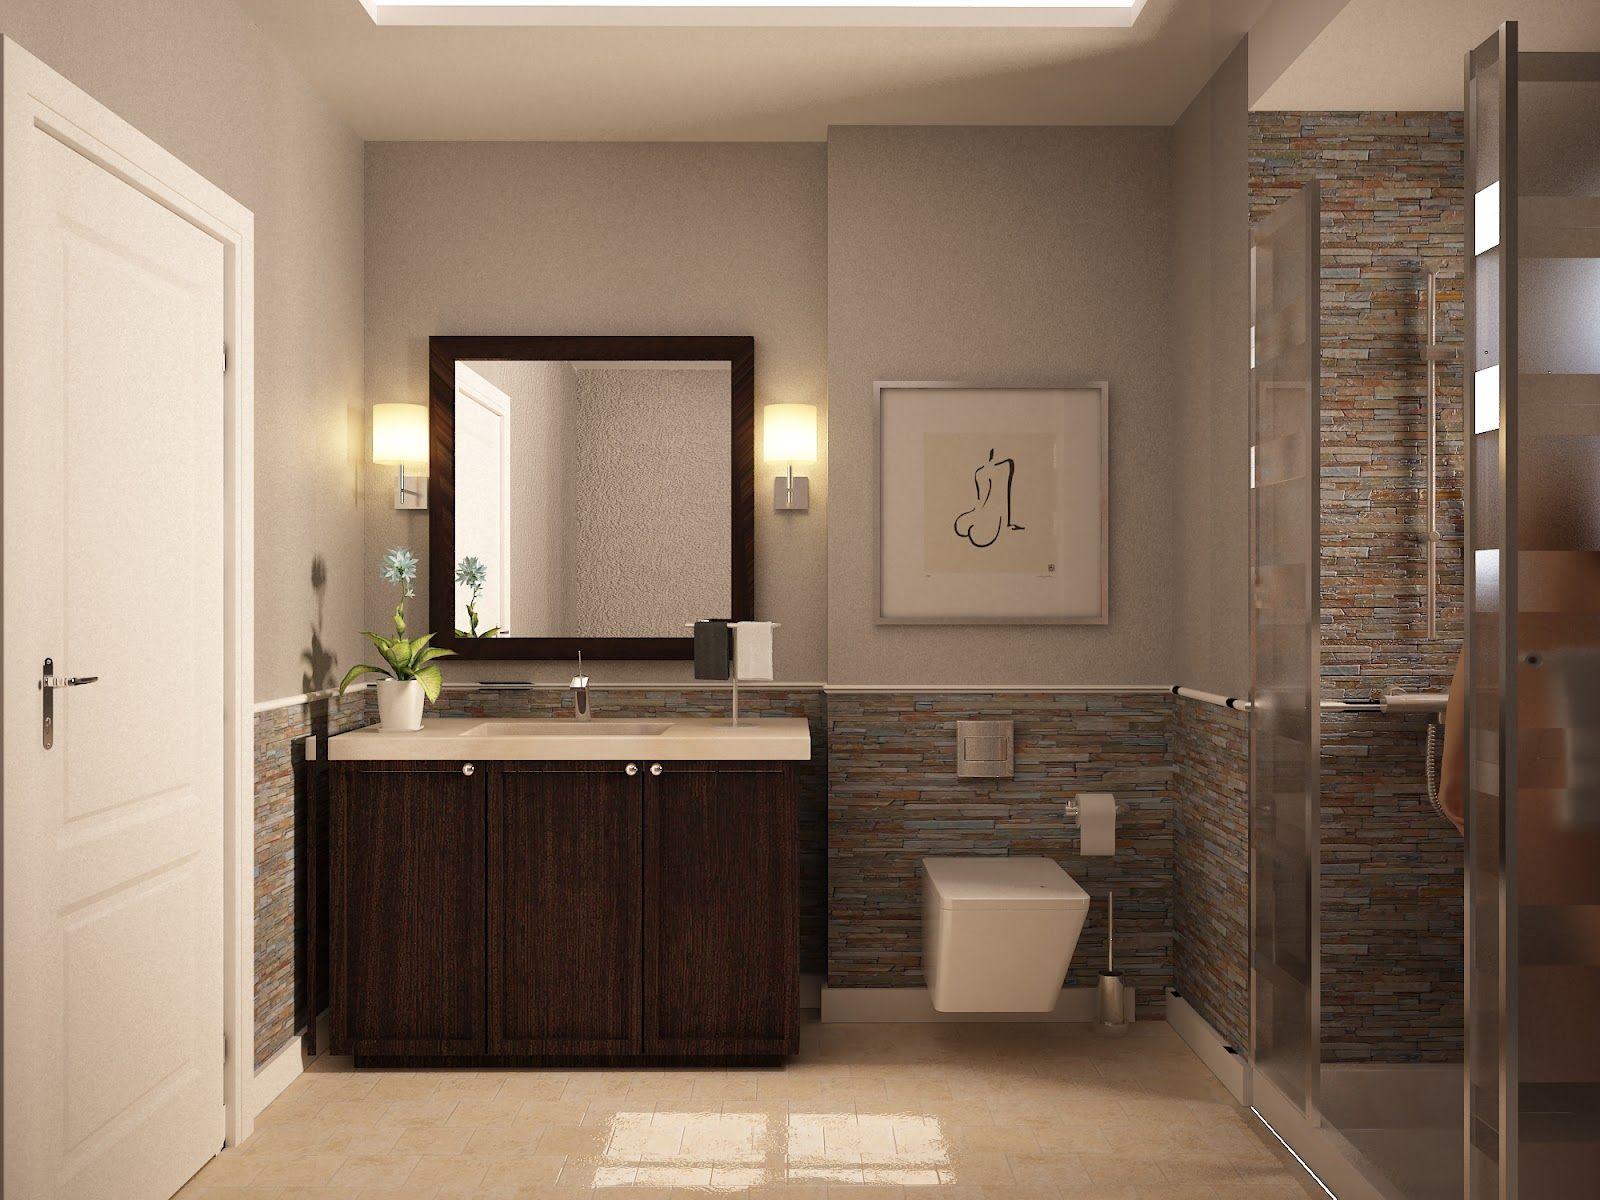 guest room bathroom  Bathroom color schemes, Small bathroom